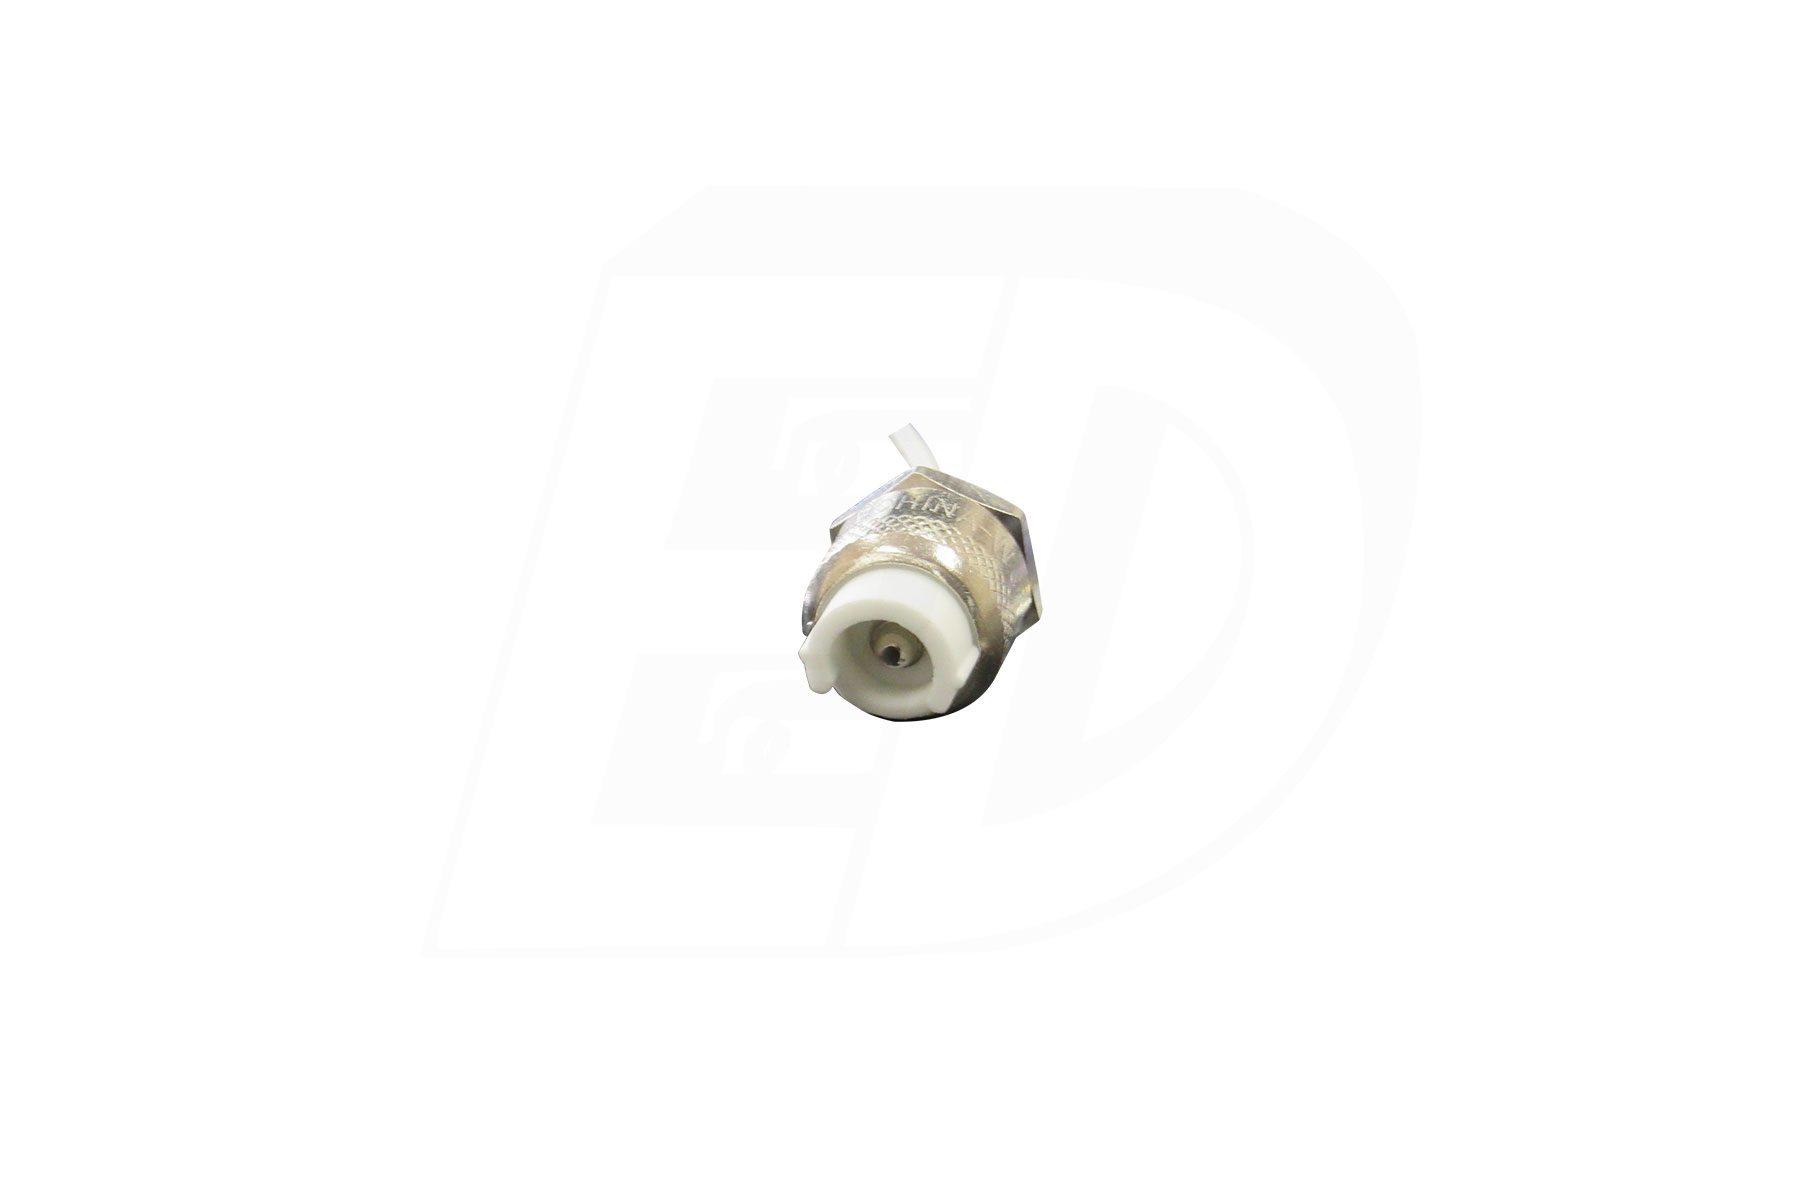 R7s Halogen Light Socket